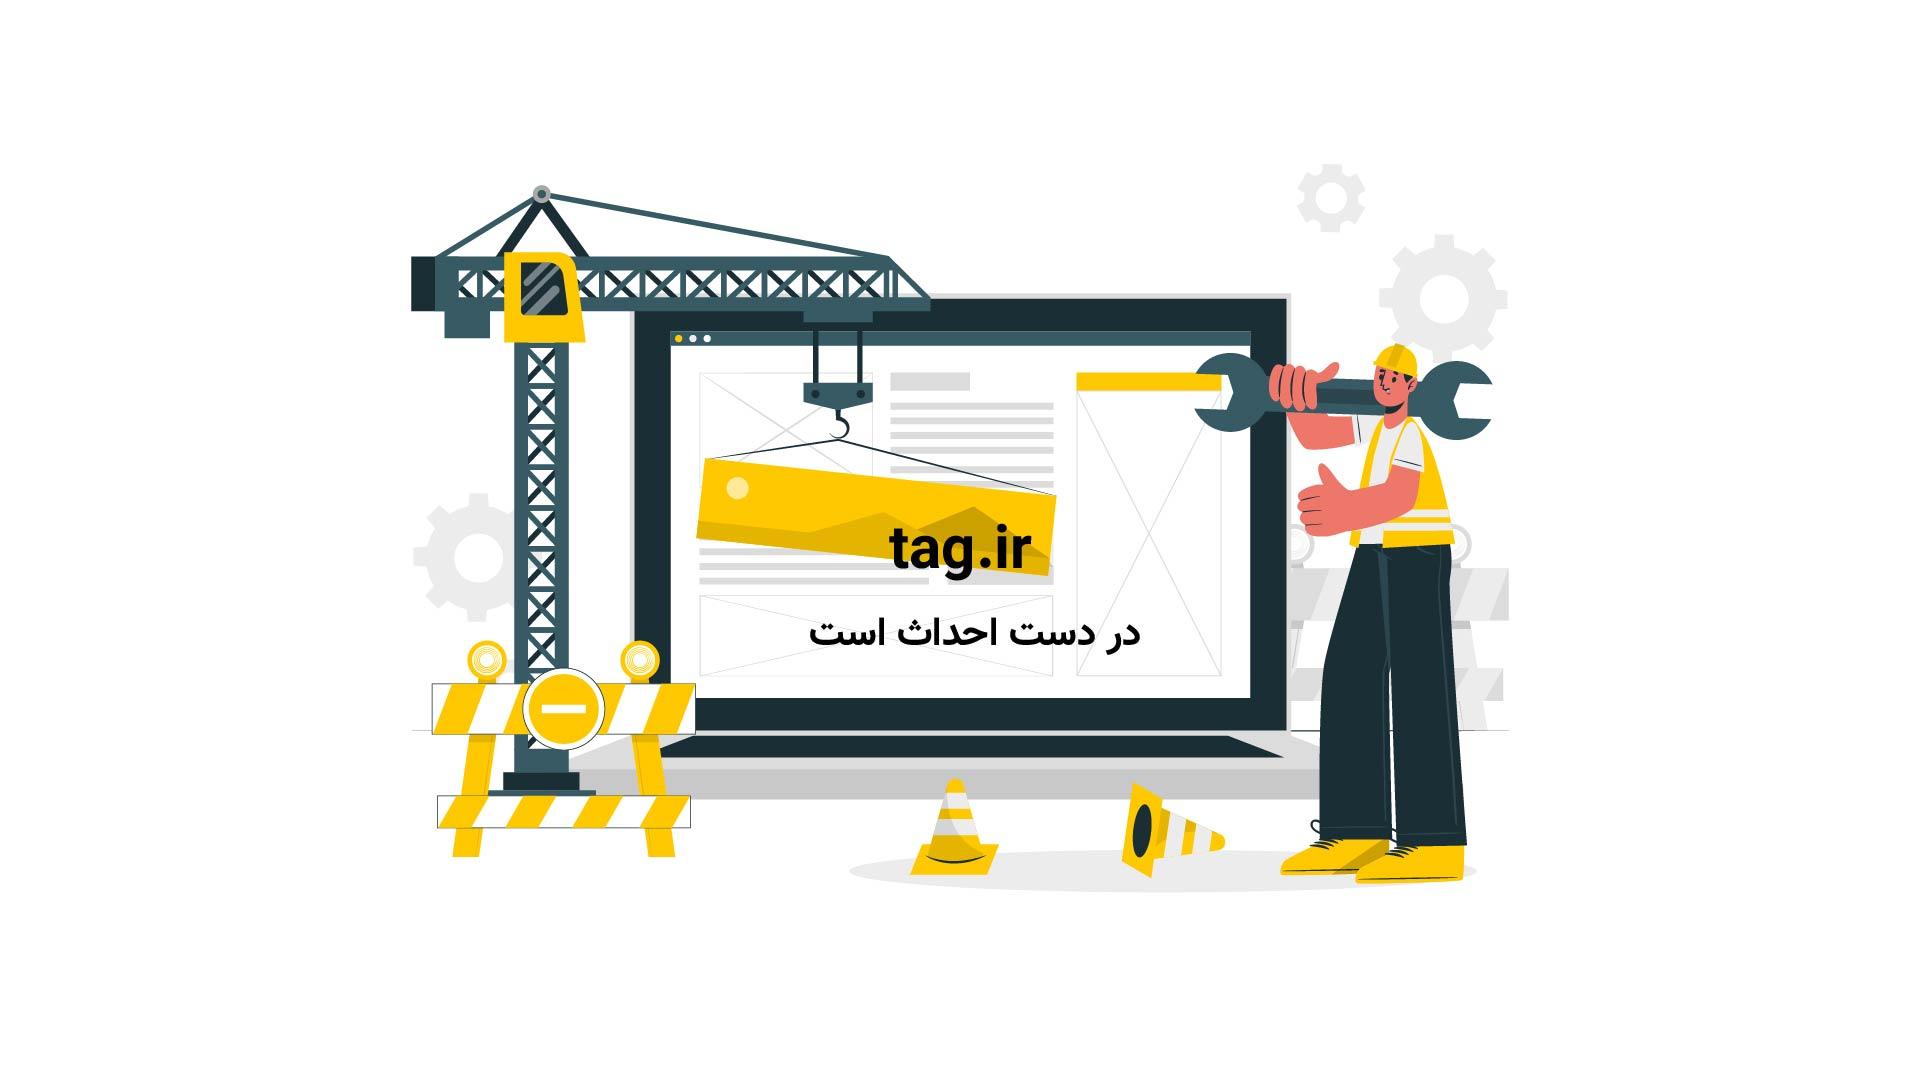 تصادف اتوبوس در تبریز | تگ